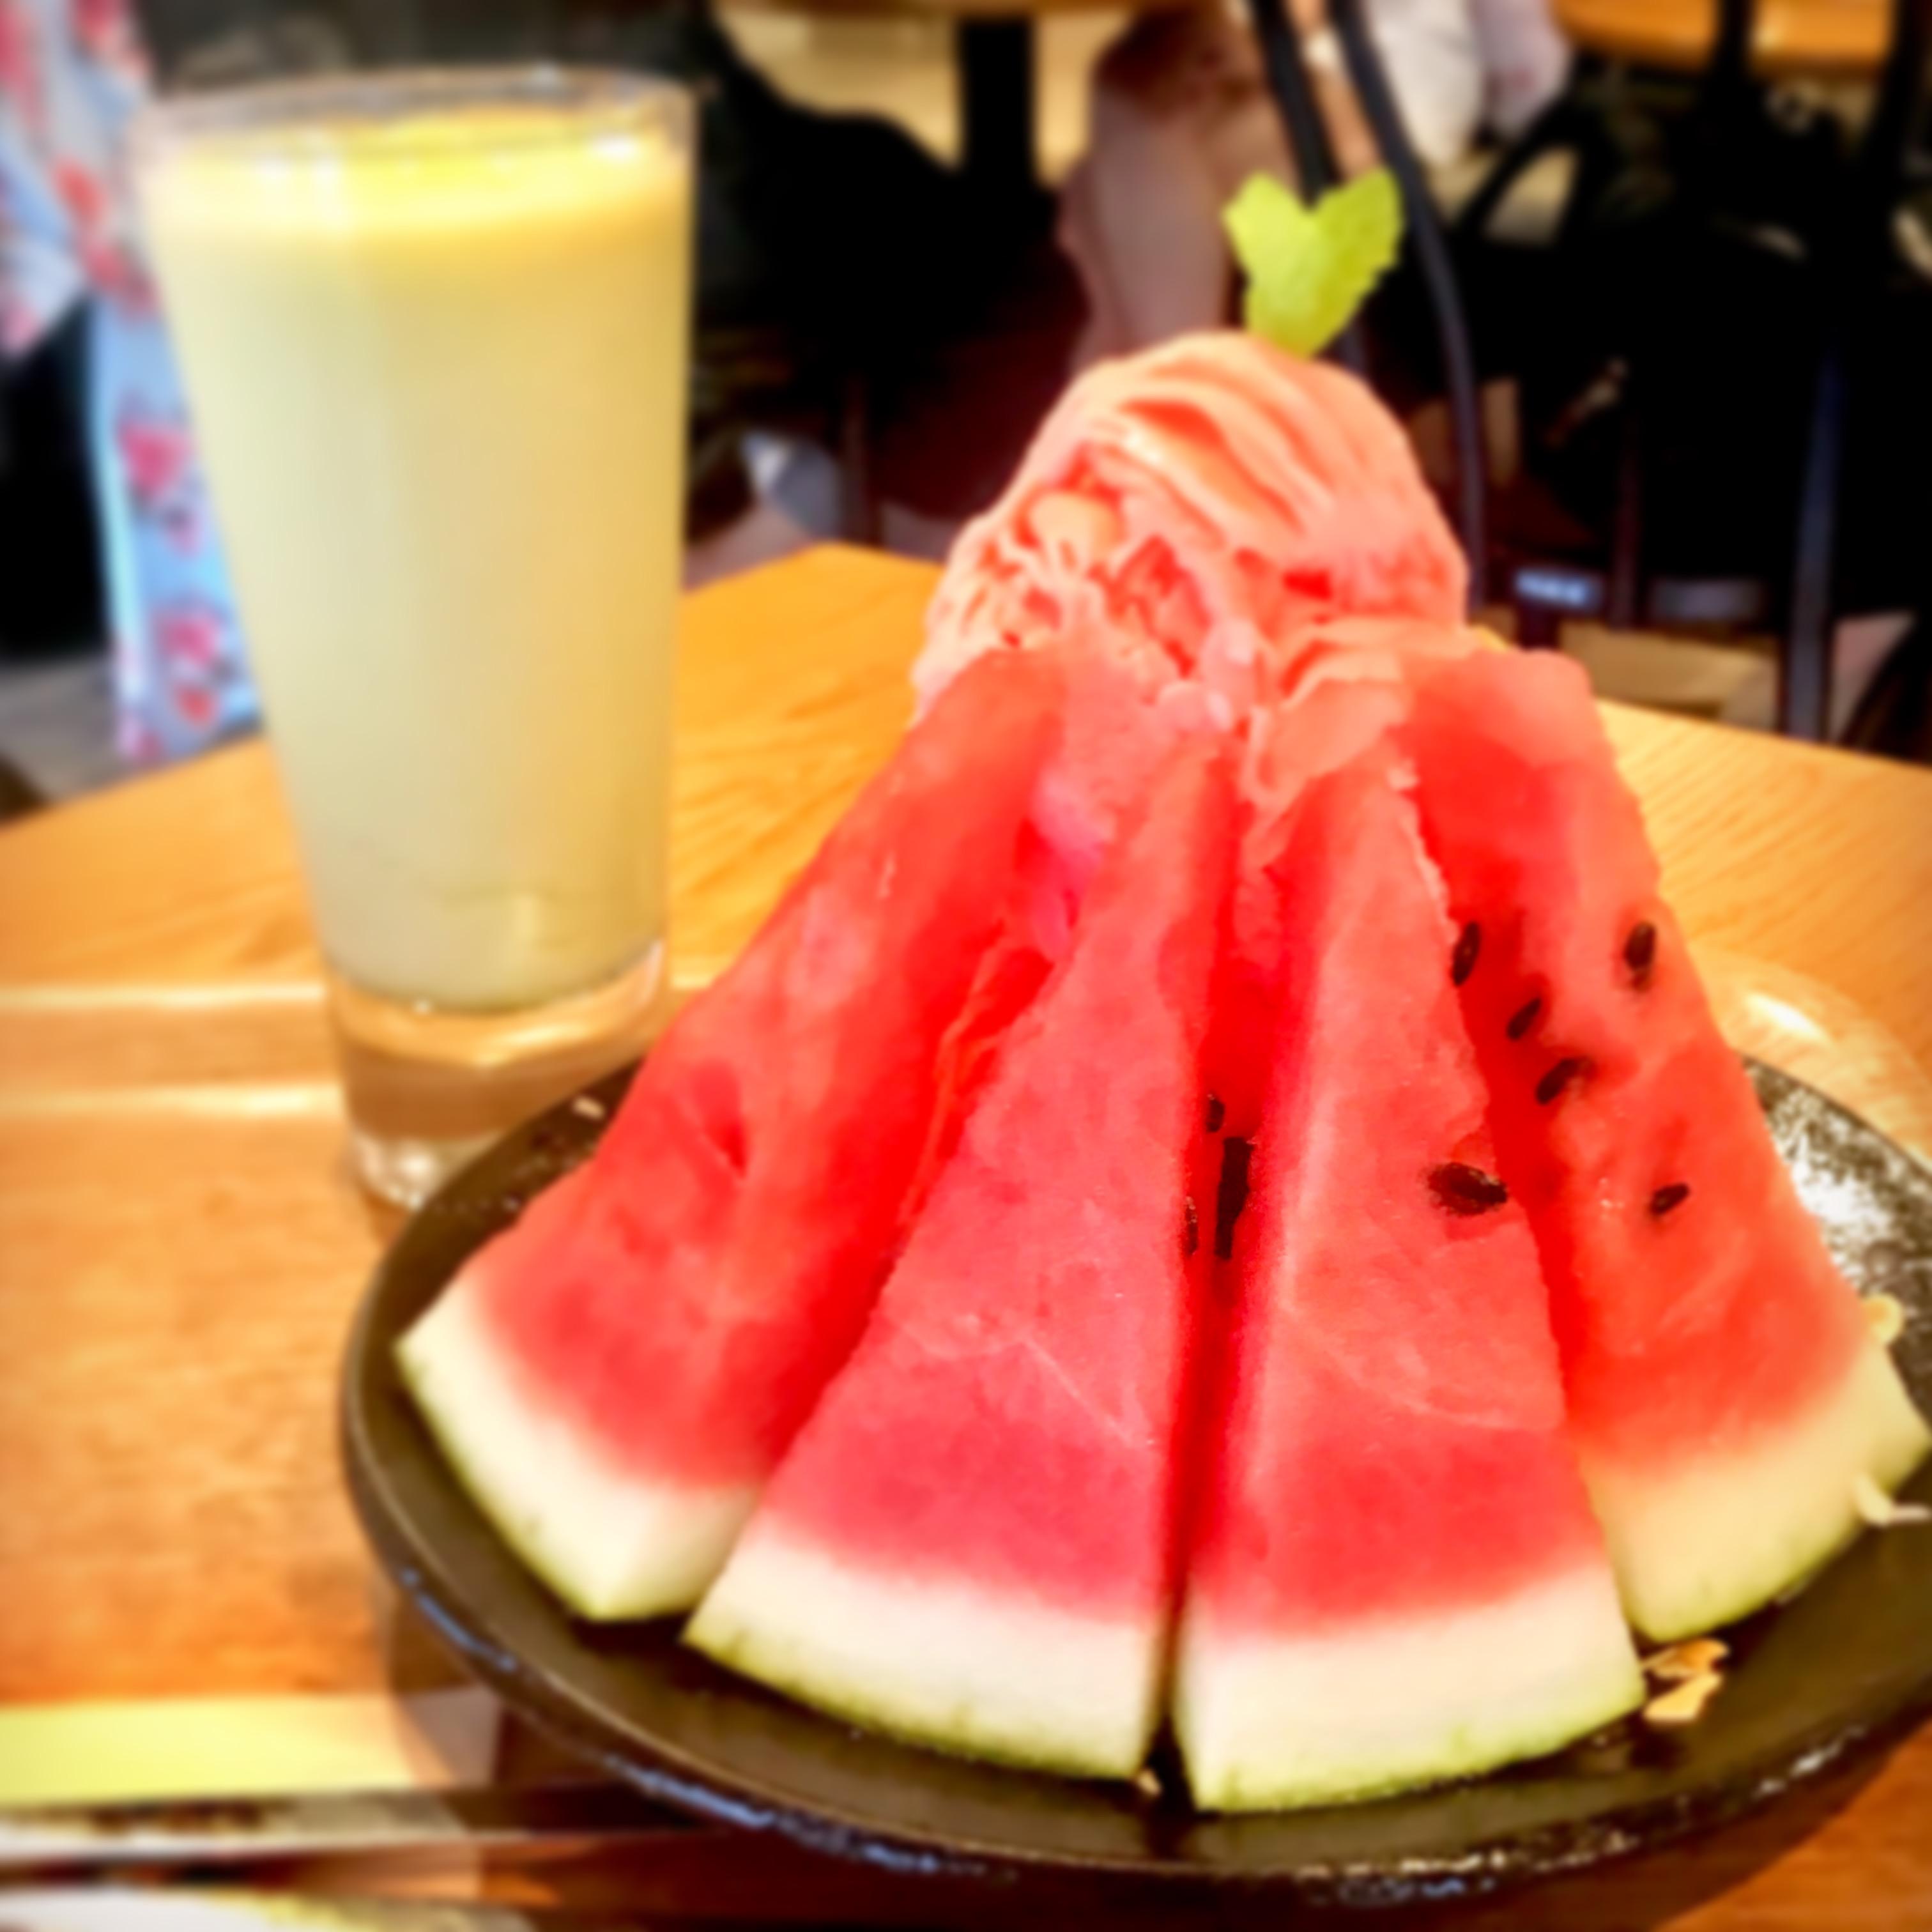 かき氷食べ歩き⑥聖地・新大久保にある一番美味しい韓国かき氷!ホミビン♪